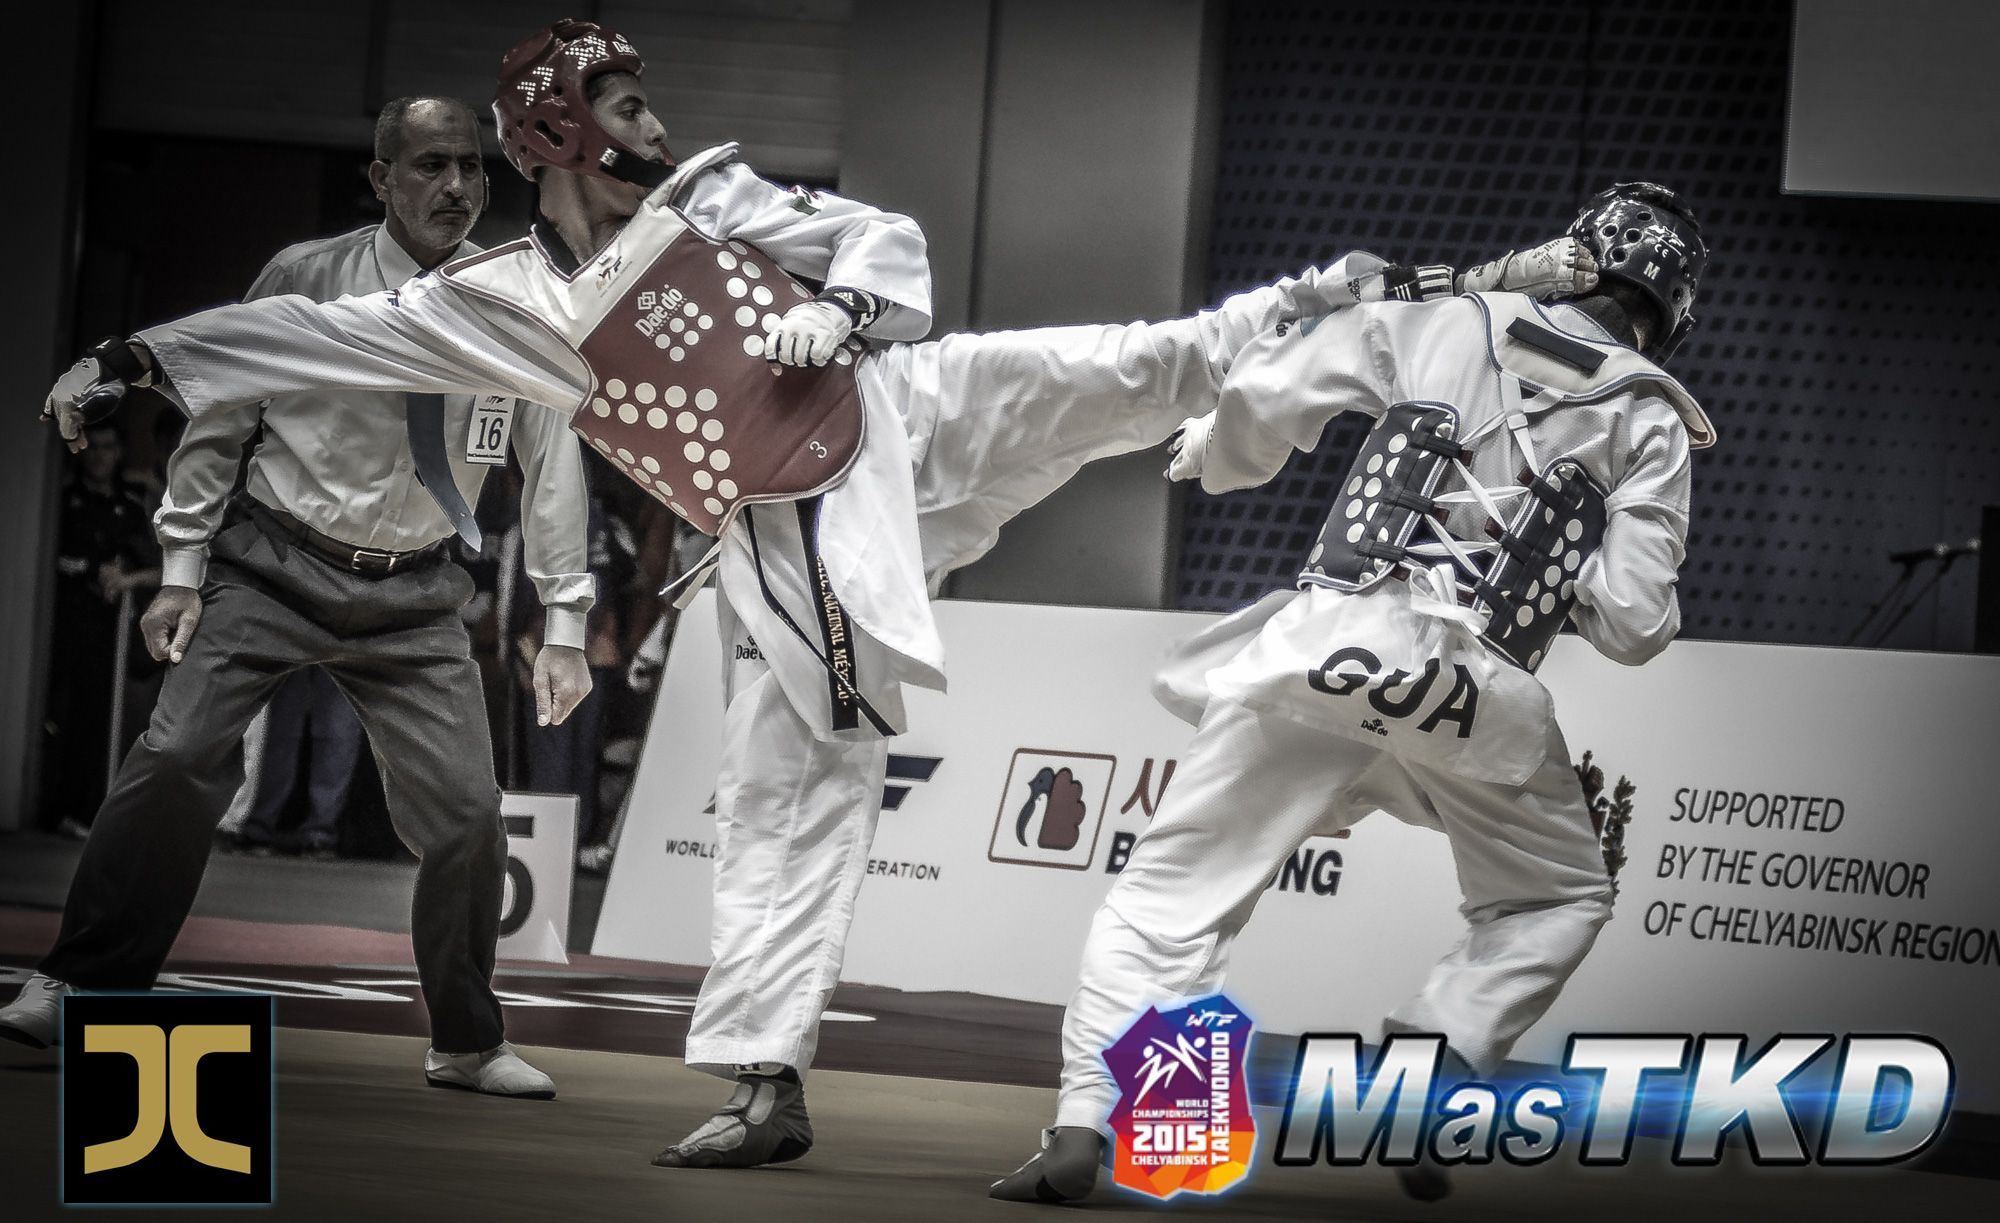 03_20150512_Taekwondo-Mundial_JC-Seleccion_D1